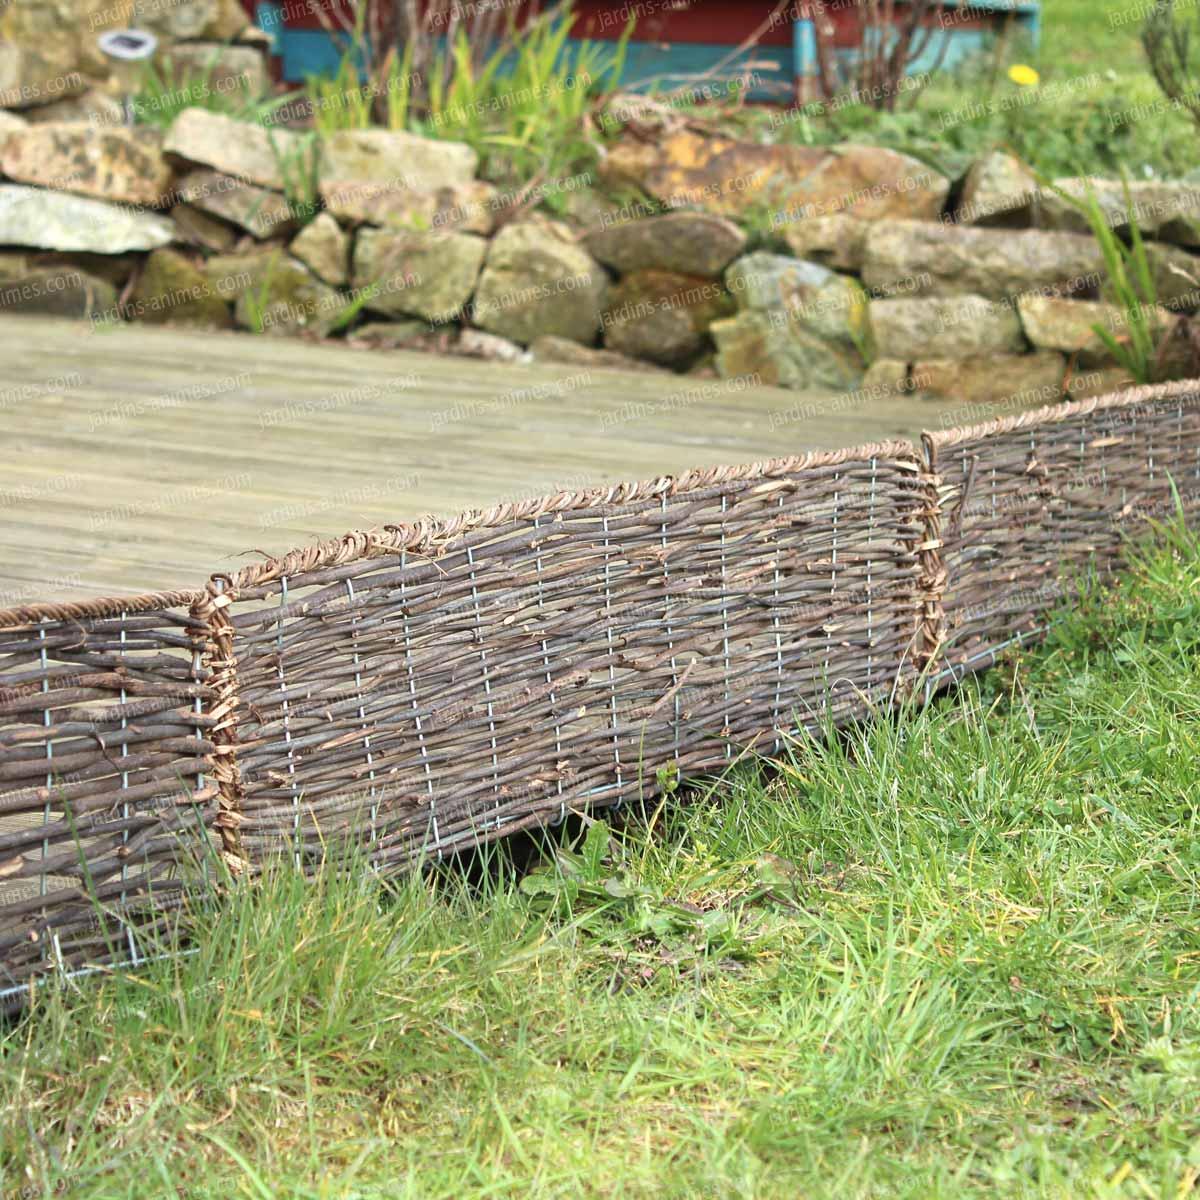 Bordure Bois Pliable - Rotin Osier L.95Cm X H.20Cm destiné Bordure De Jardin En Osier Tressé